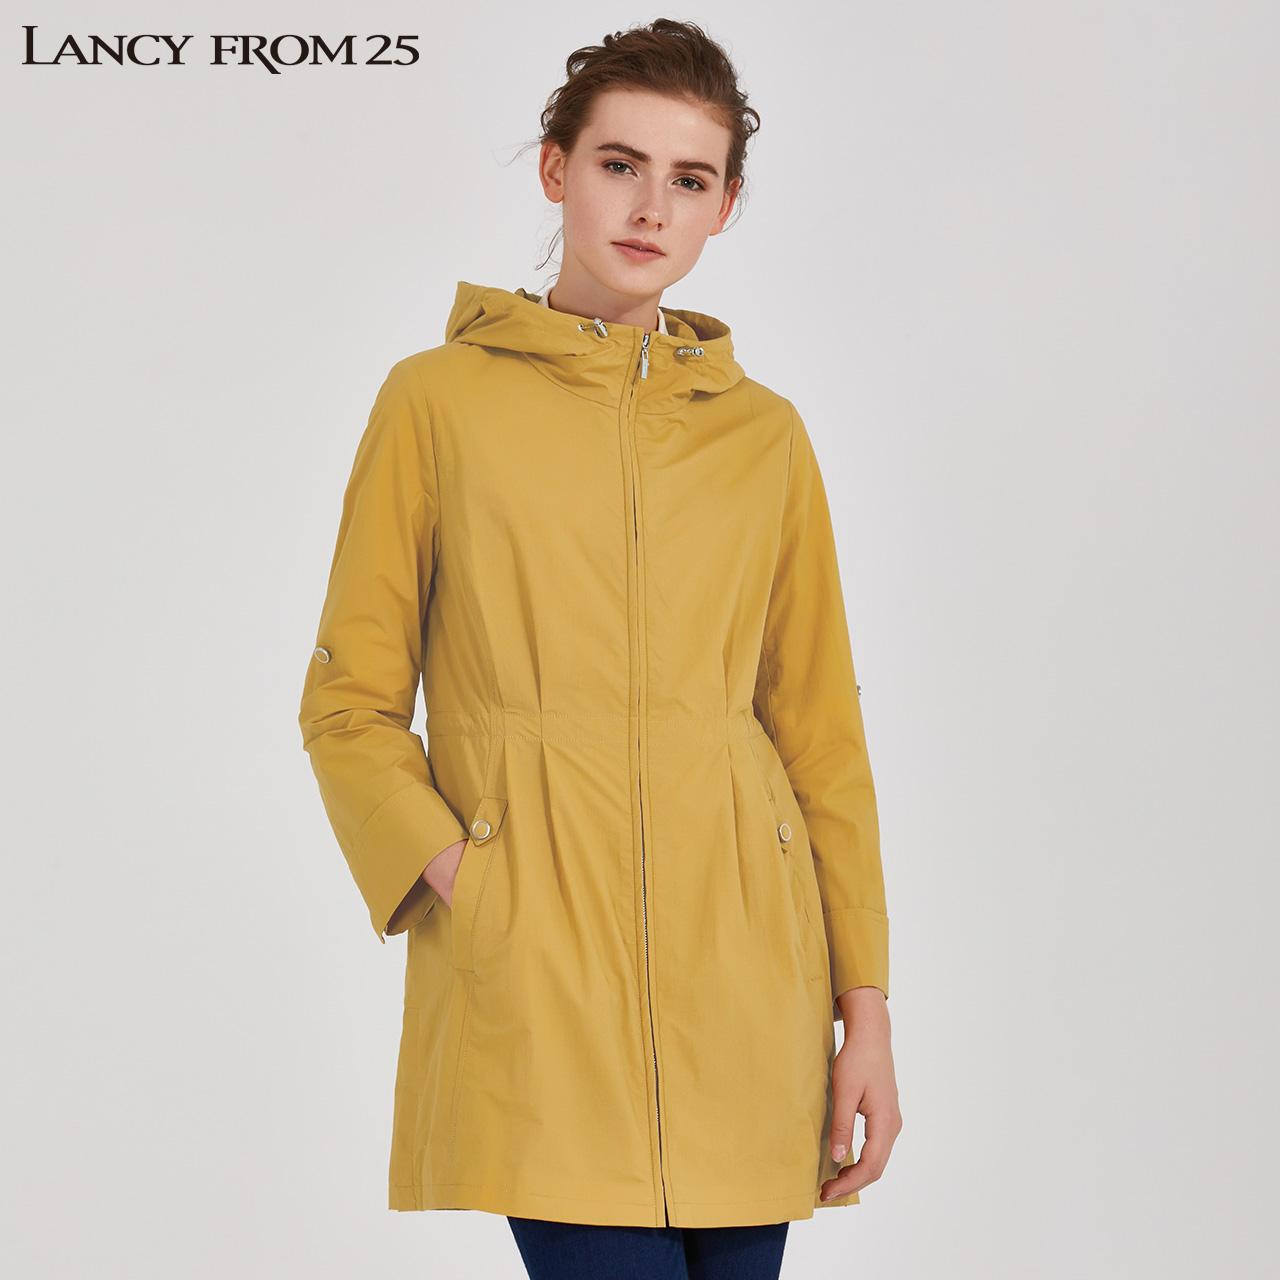 LANCY朗姿秋季女装简约时尚腰带连帽风衣休闲宽松长袖外套